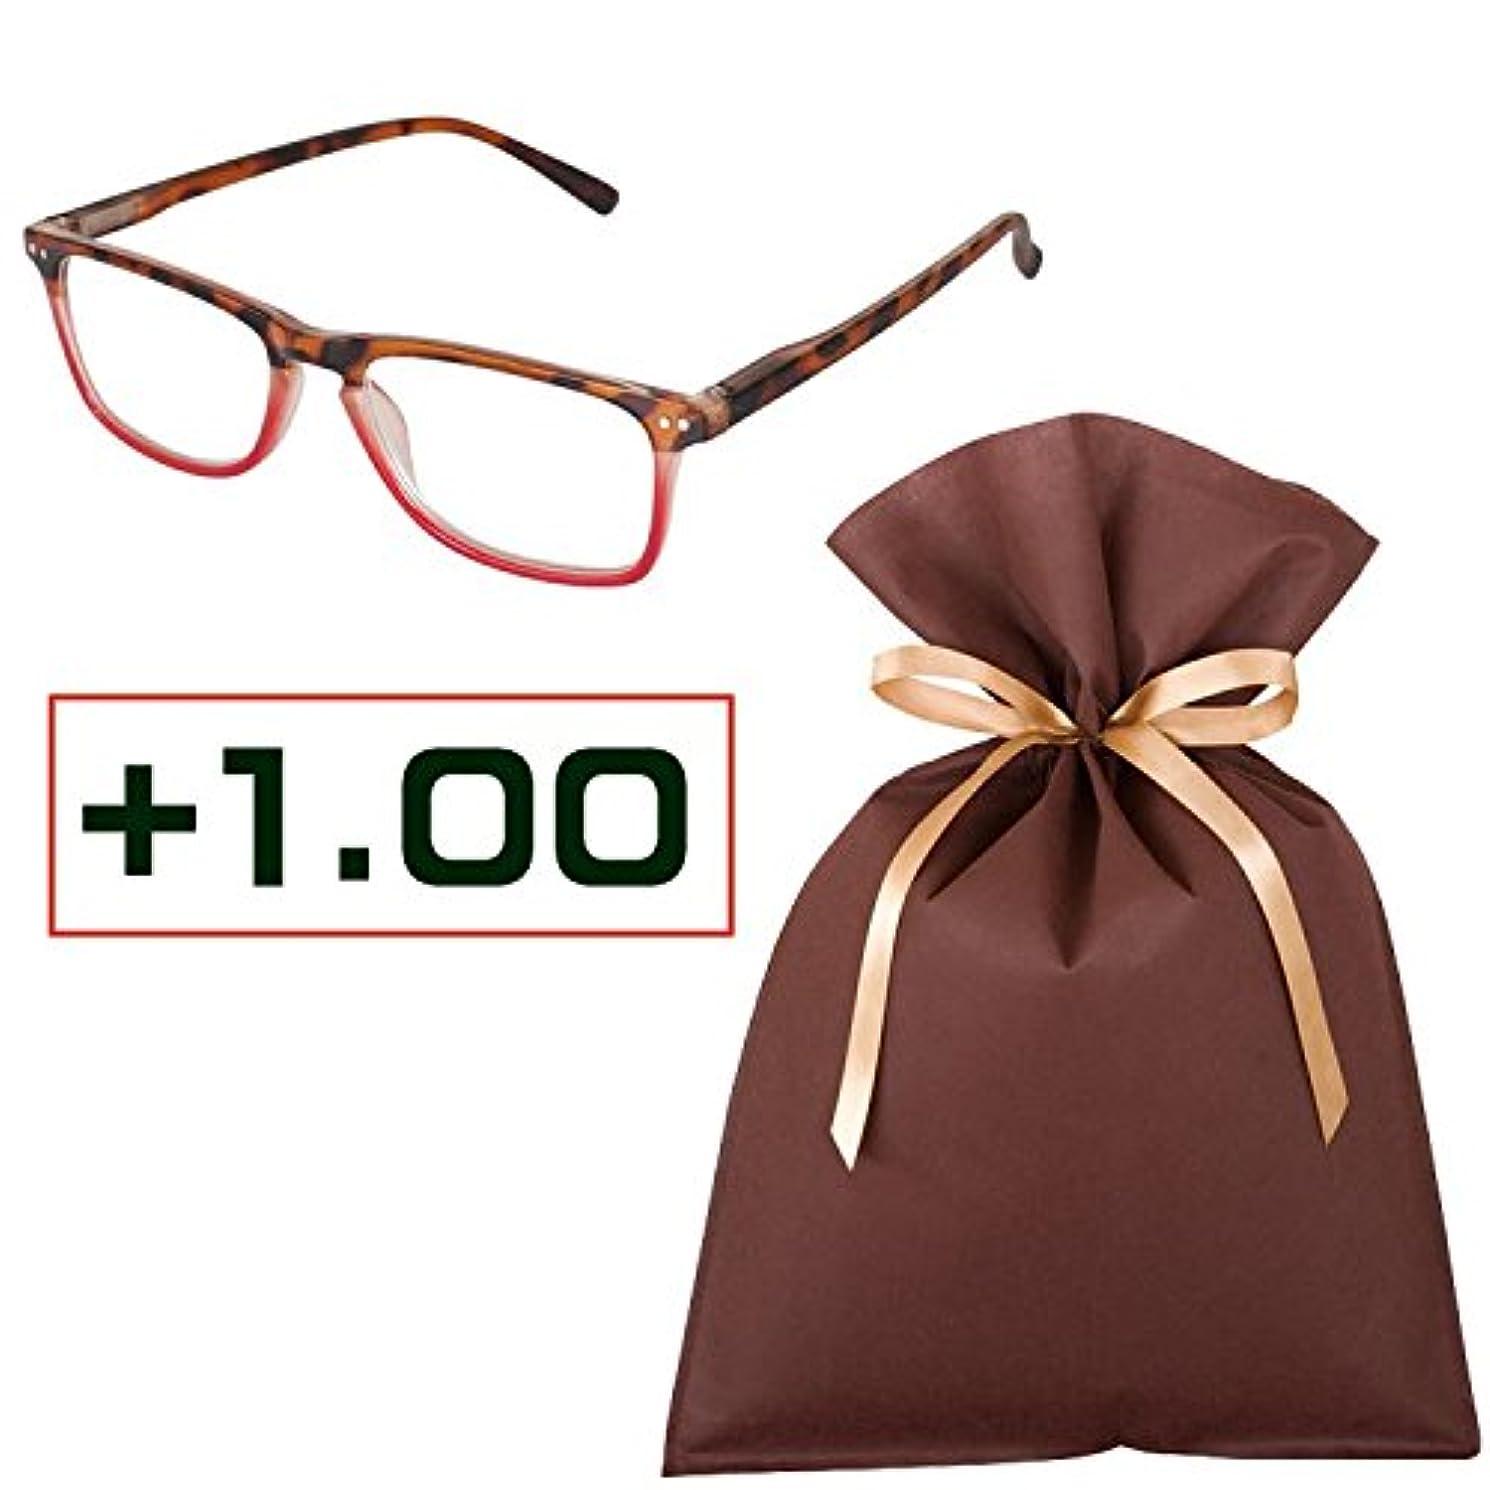 老眼鏡ギフトセット(+1.00)READING GLASSES RED_TORTOISE 1.0